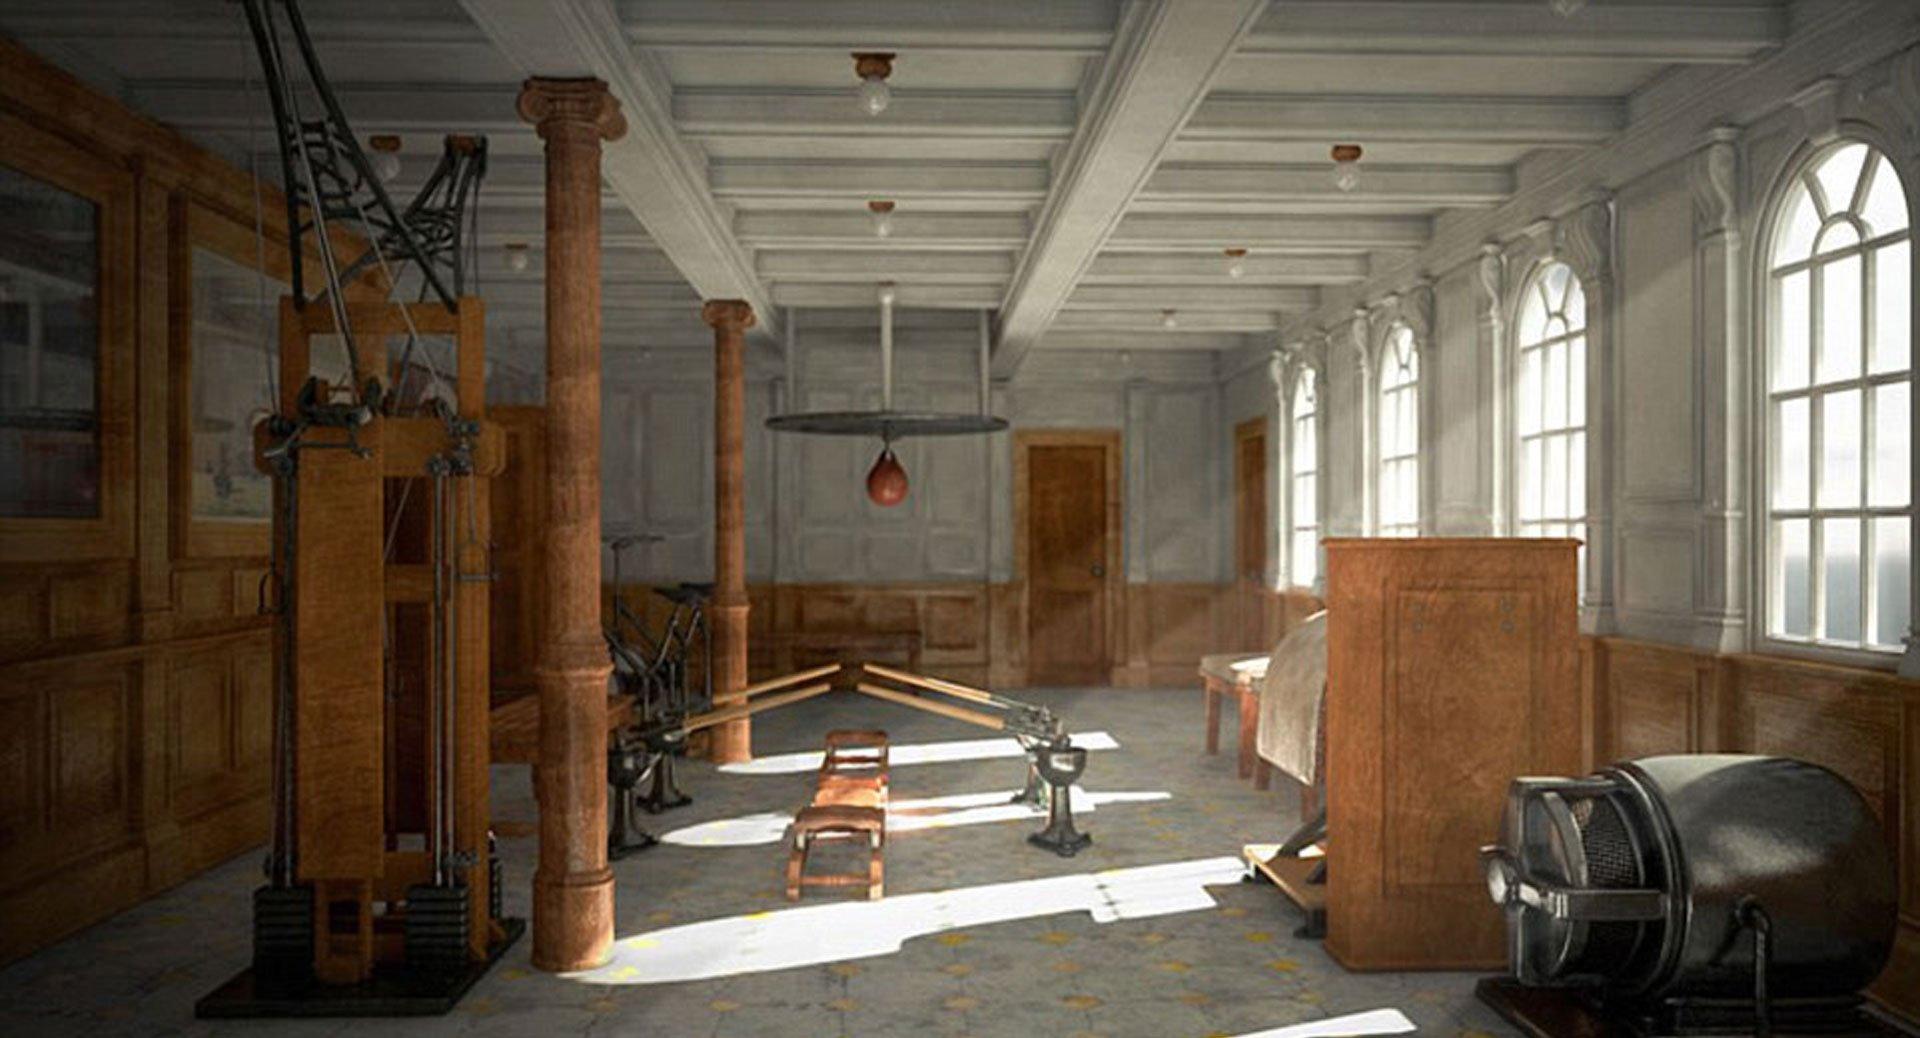 El particular gimnasio con que contarán los pasajeros del Titanic II, tal como era en 1912